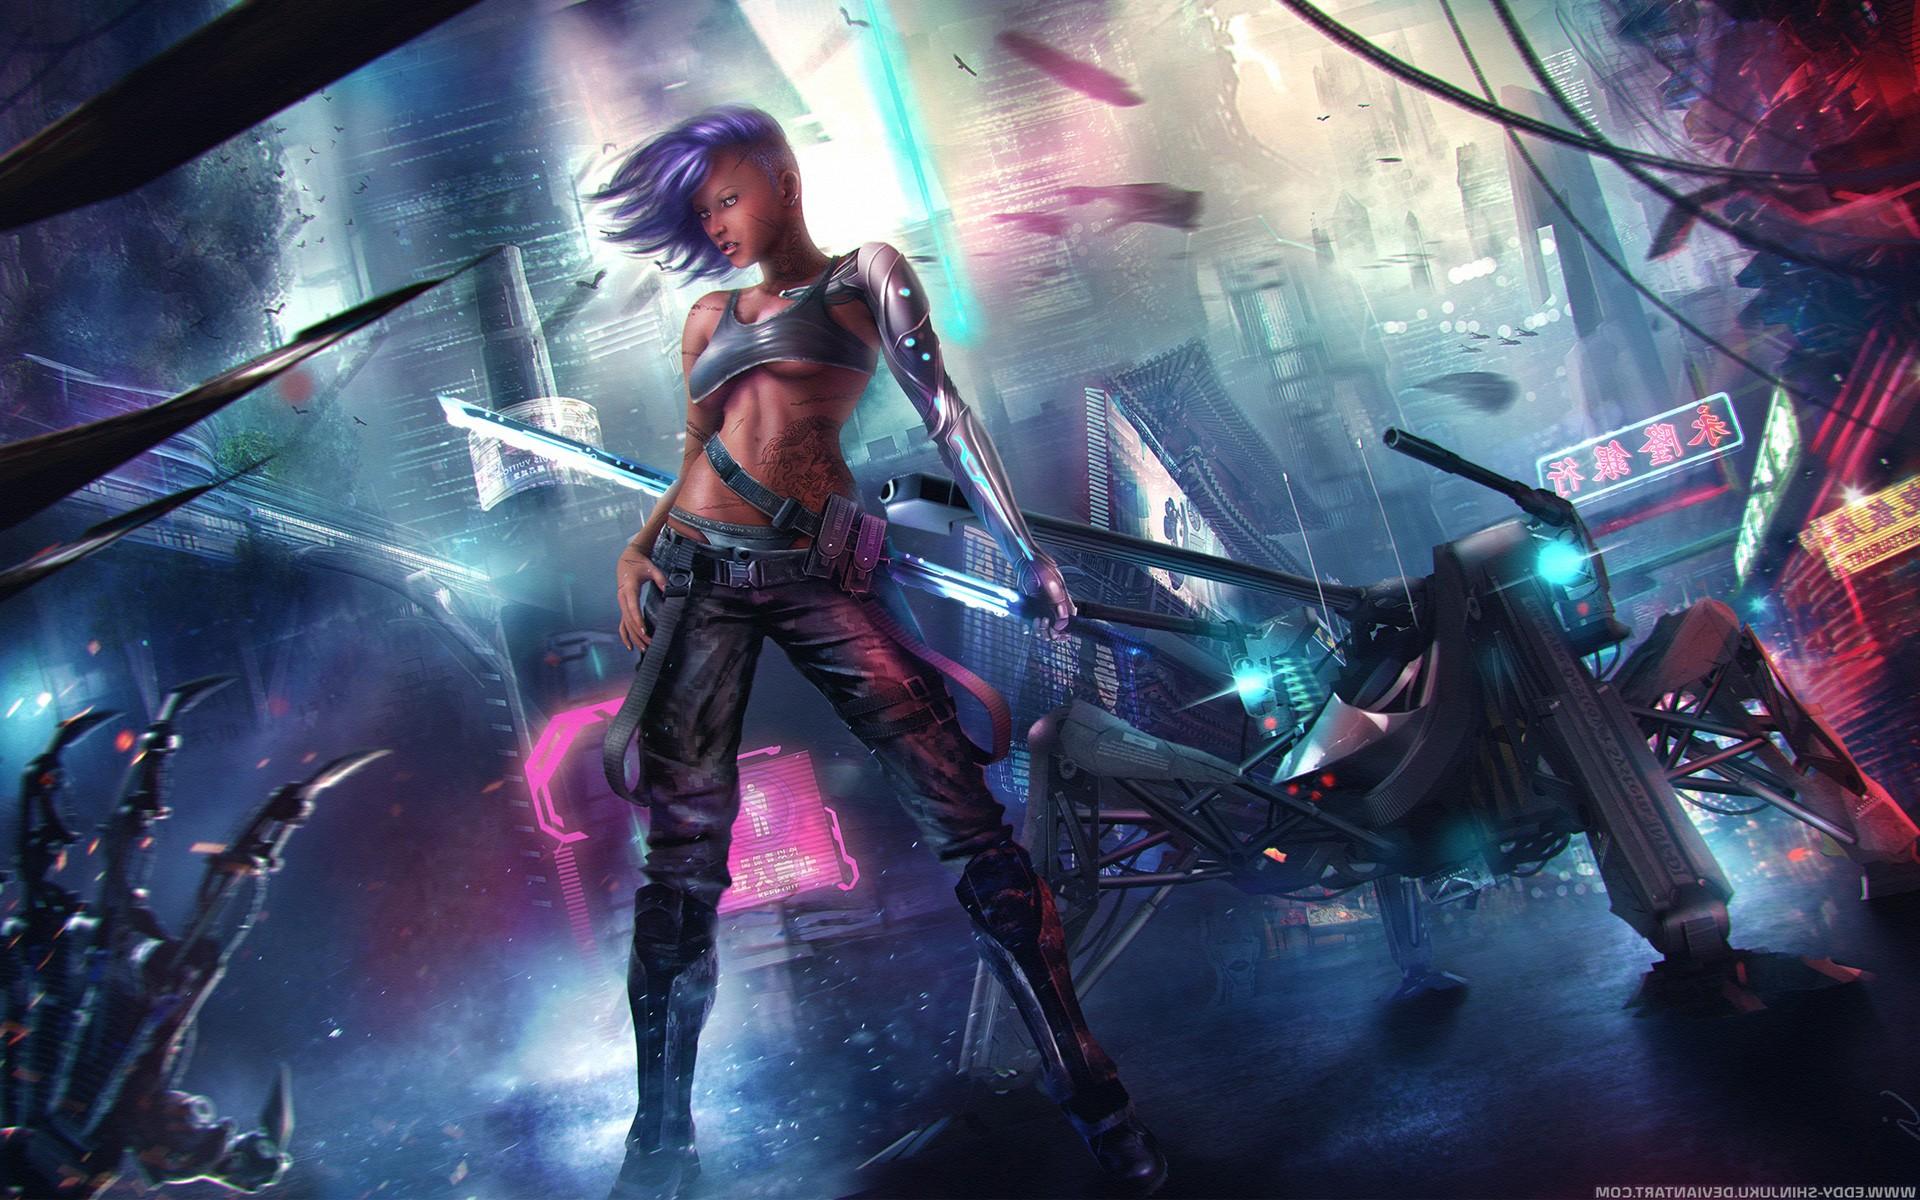 Women Warrior Artwork Sword Rain Cyberpunk Cyberpunk: Asian Cyberpunk, HD Fantasy Girls, 4k Wallpapers, Images